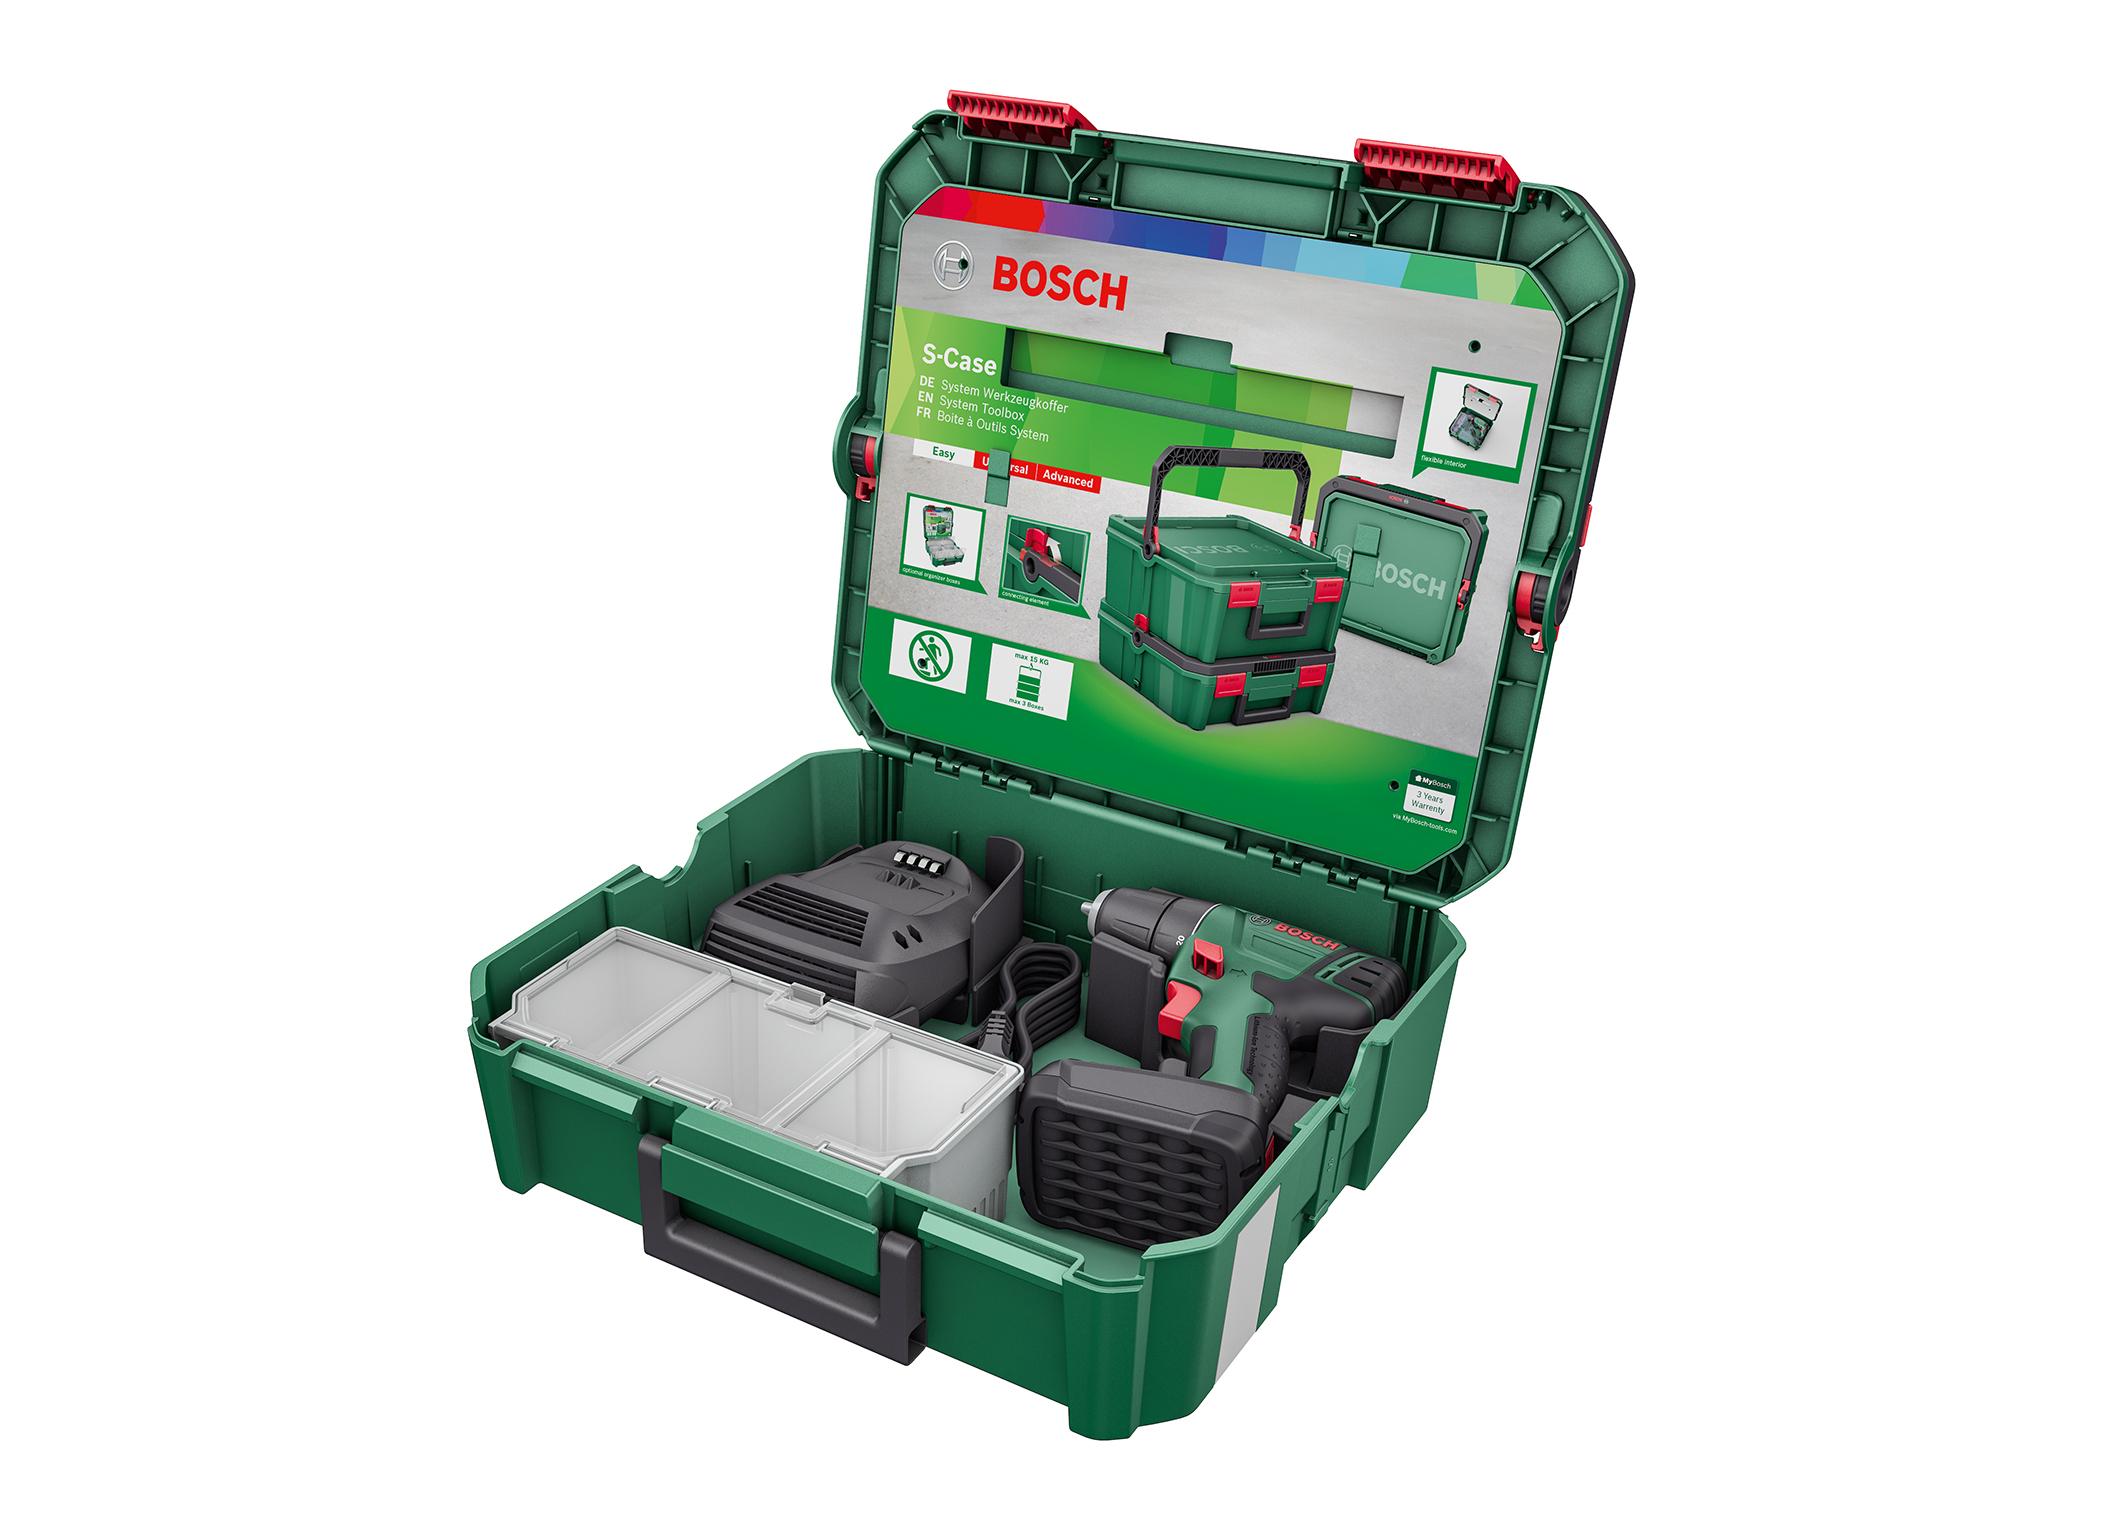 """Alles was man zum Schrauben, Bohren und Befestigen braucht: die SystemBox """"Schrauben und Bohren"""" von Bosch für Heimwerker"""